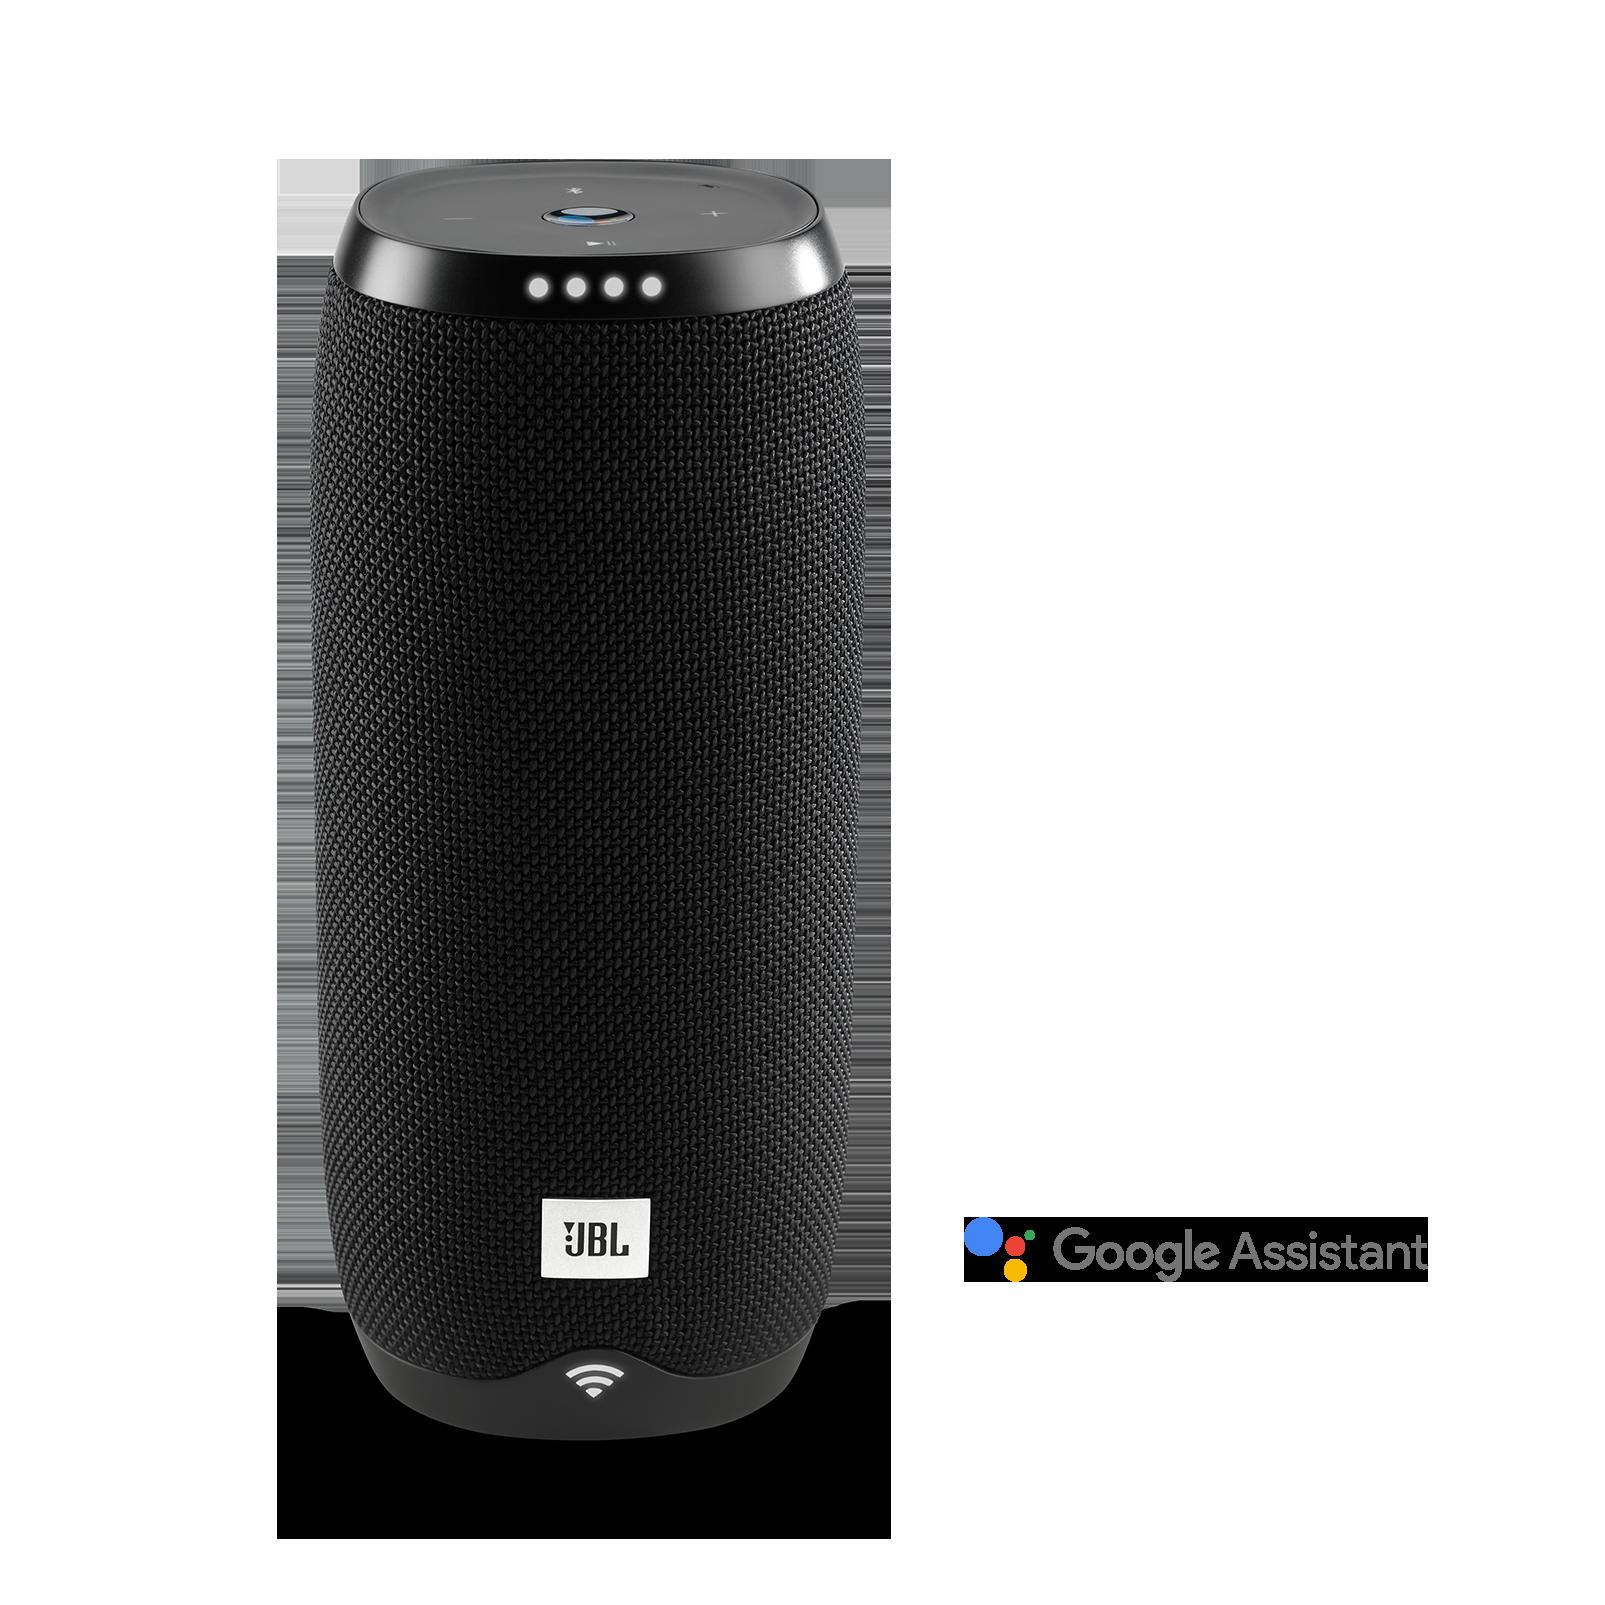 jbl link 20 enceinte portable commande vocale. Black Bedroom Furniture Sets. Home Design Ideas